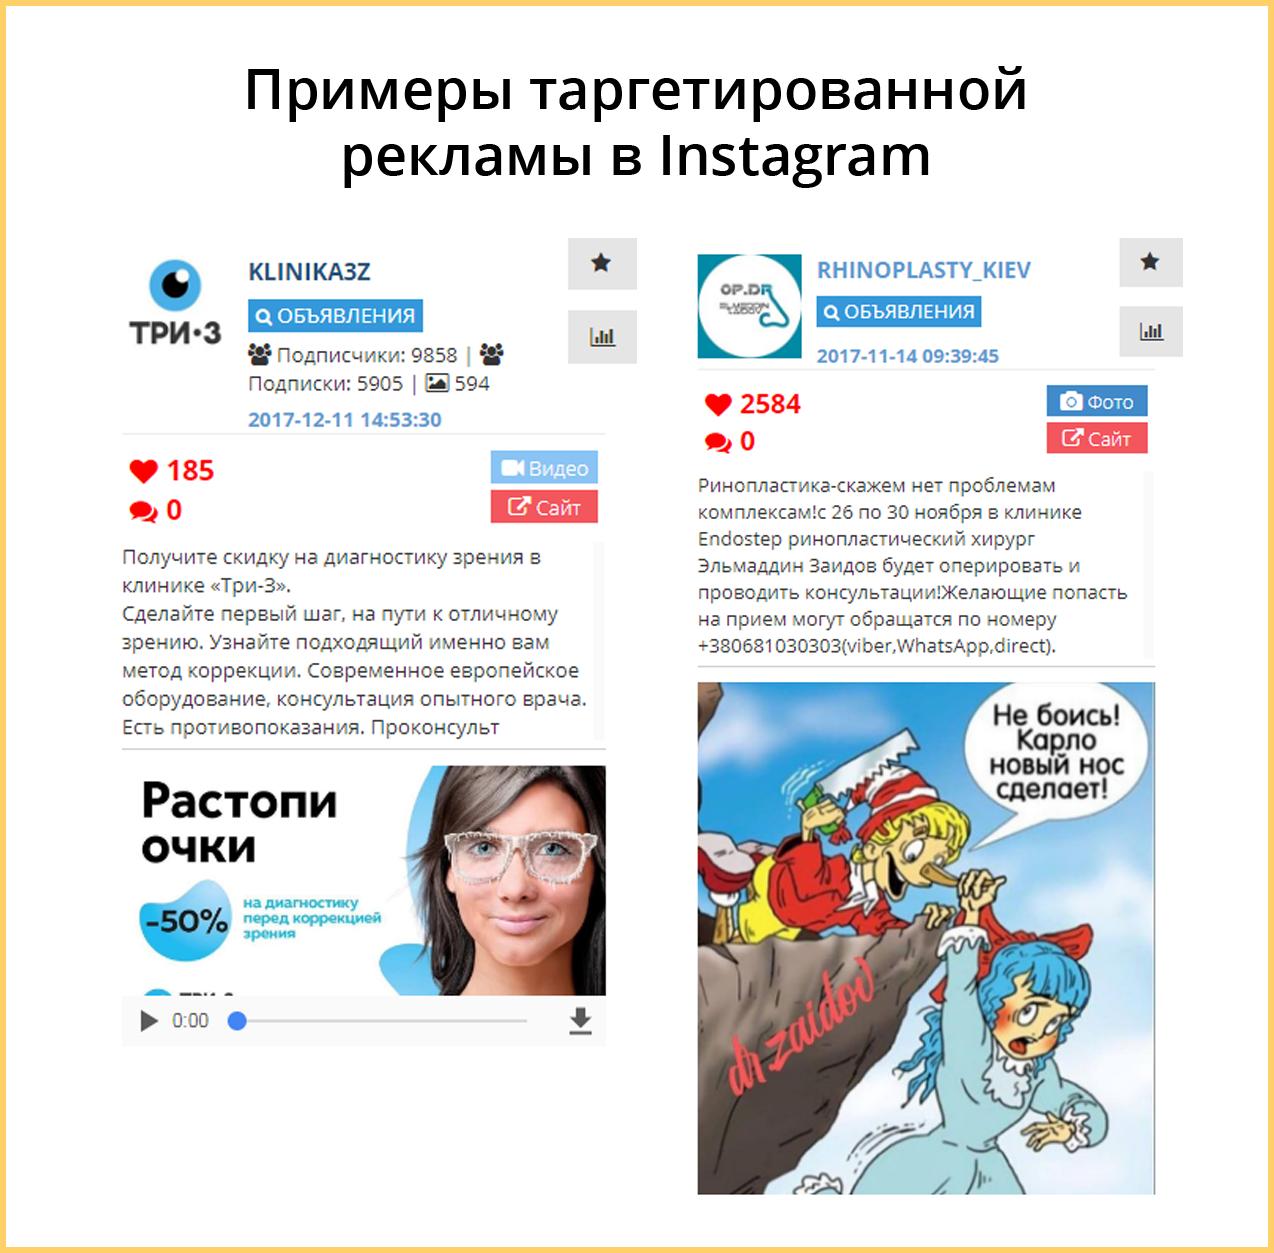 примеры таргетированной рекламы в Инстаграм